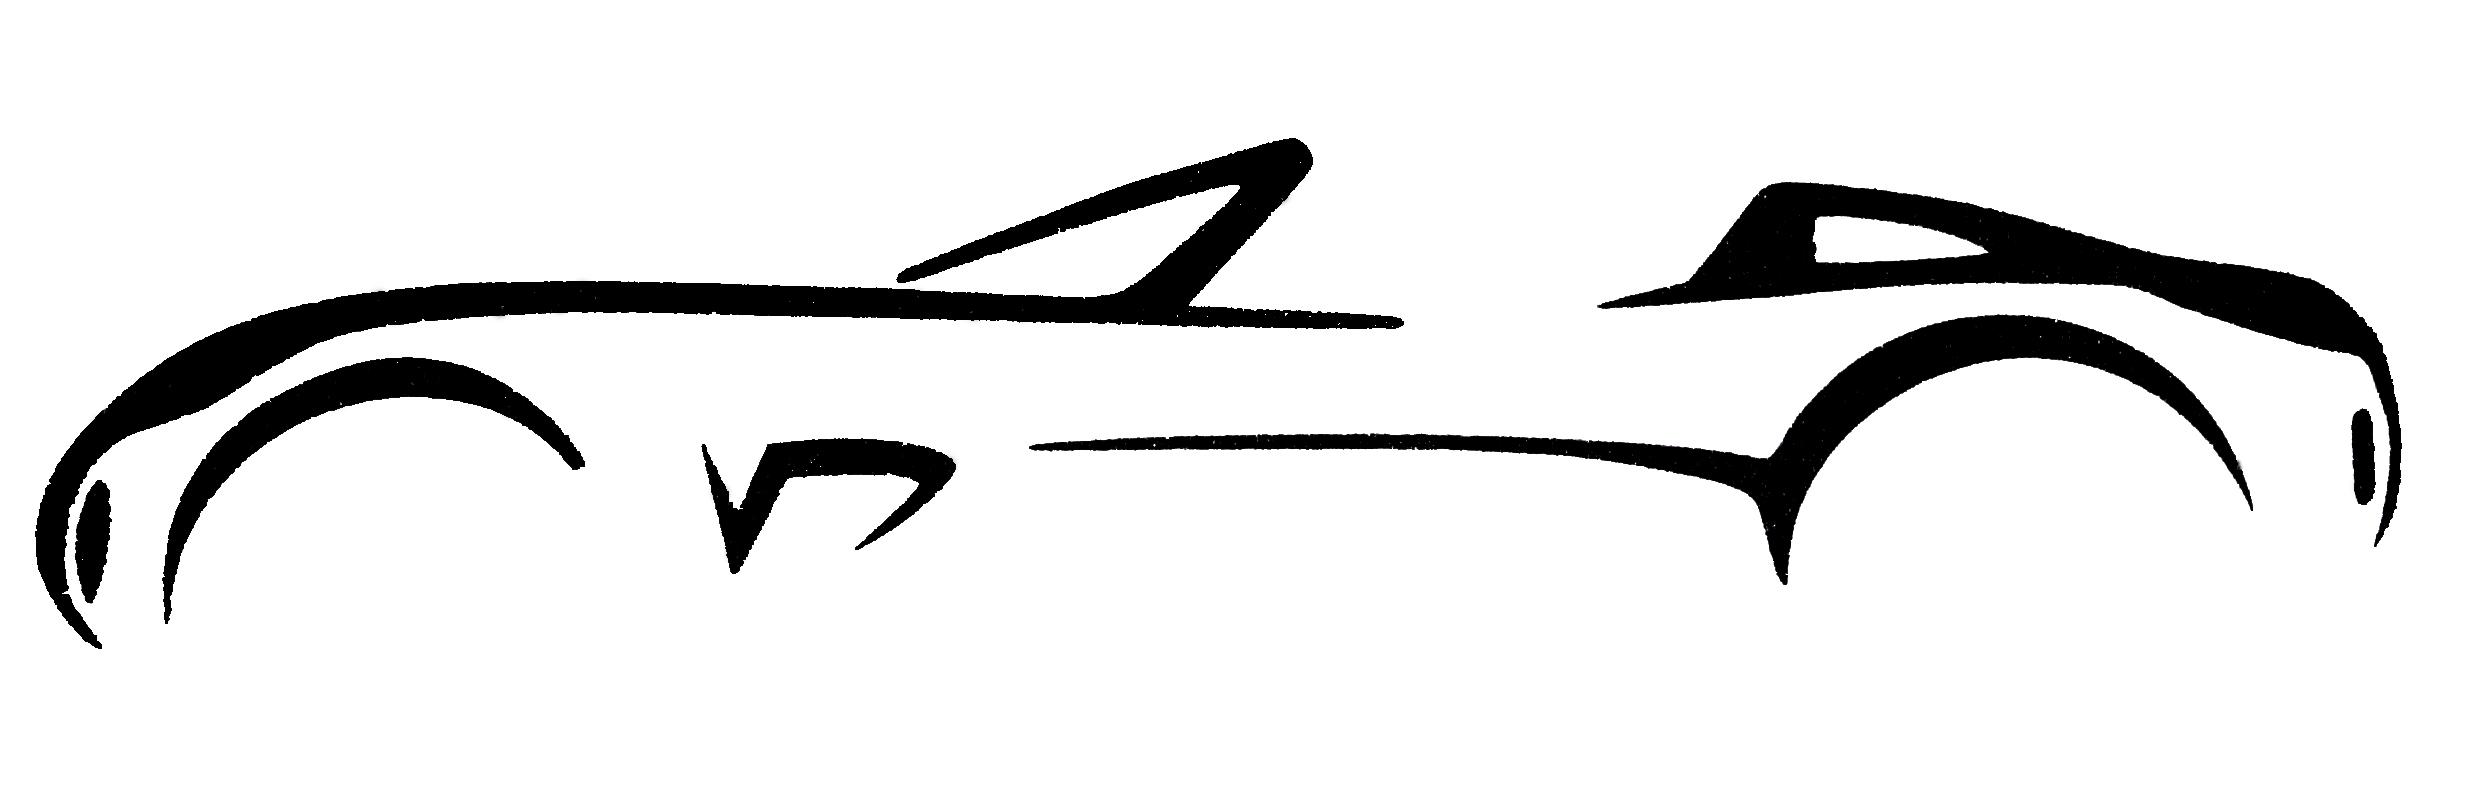 2472x800 Car Clipart Logo